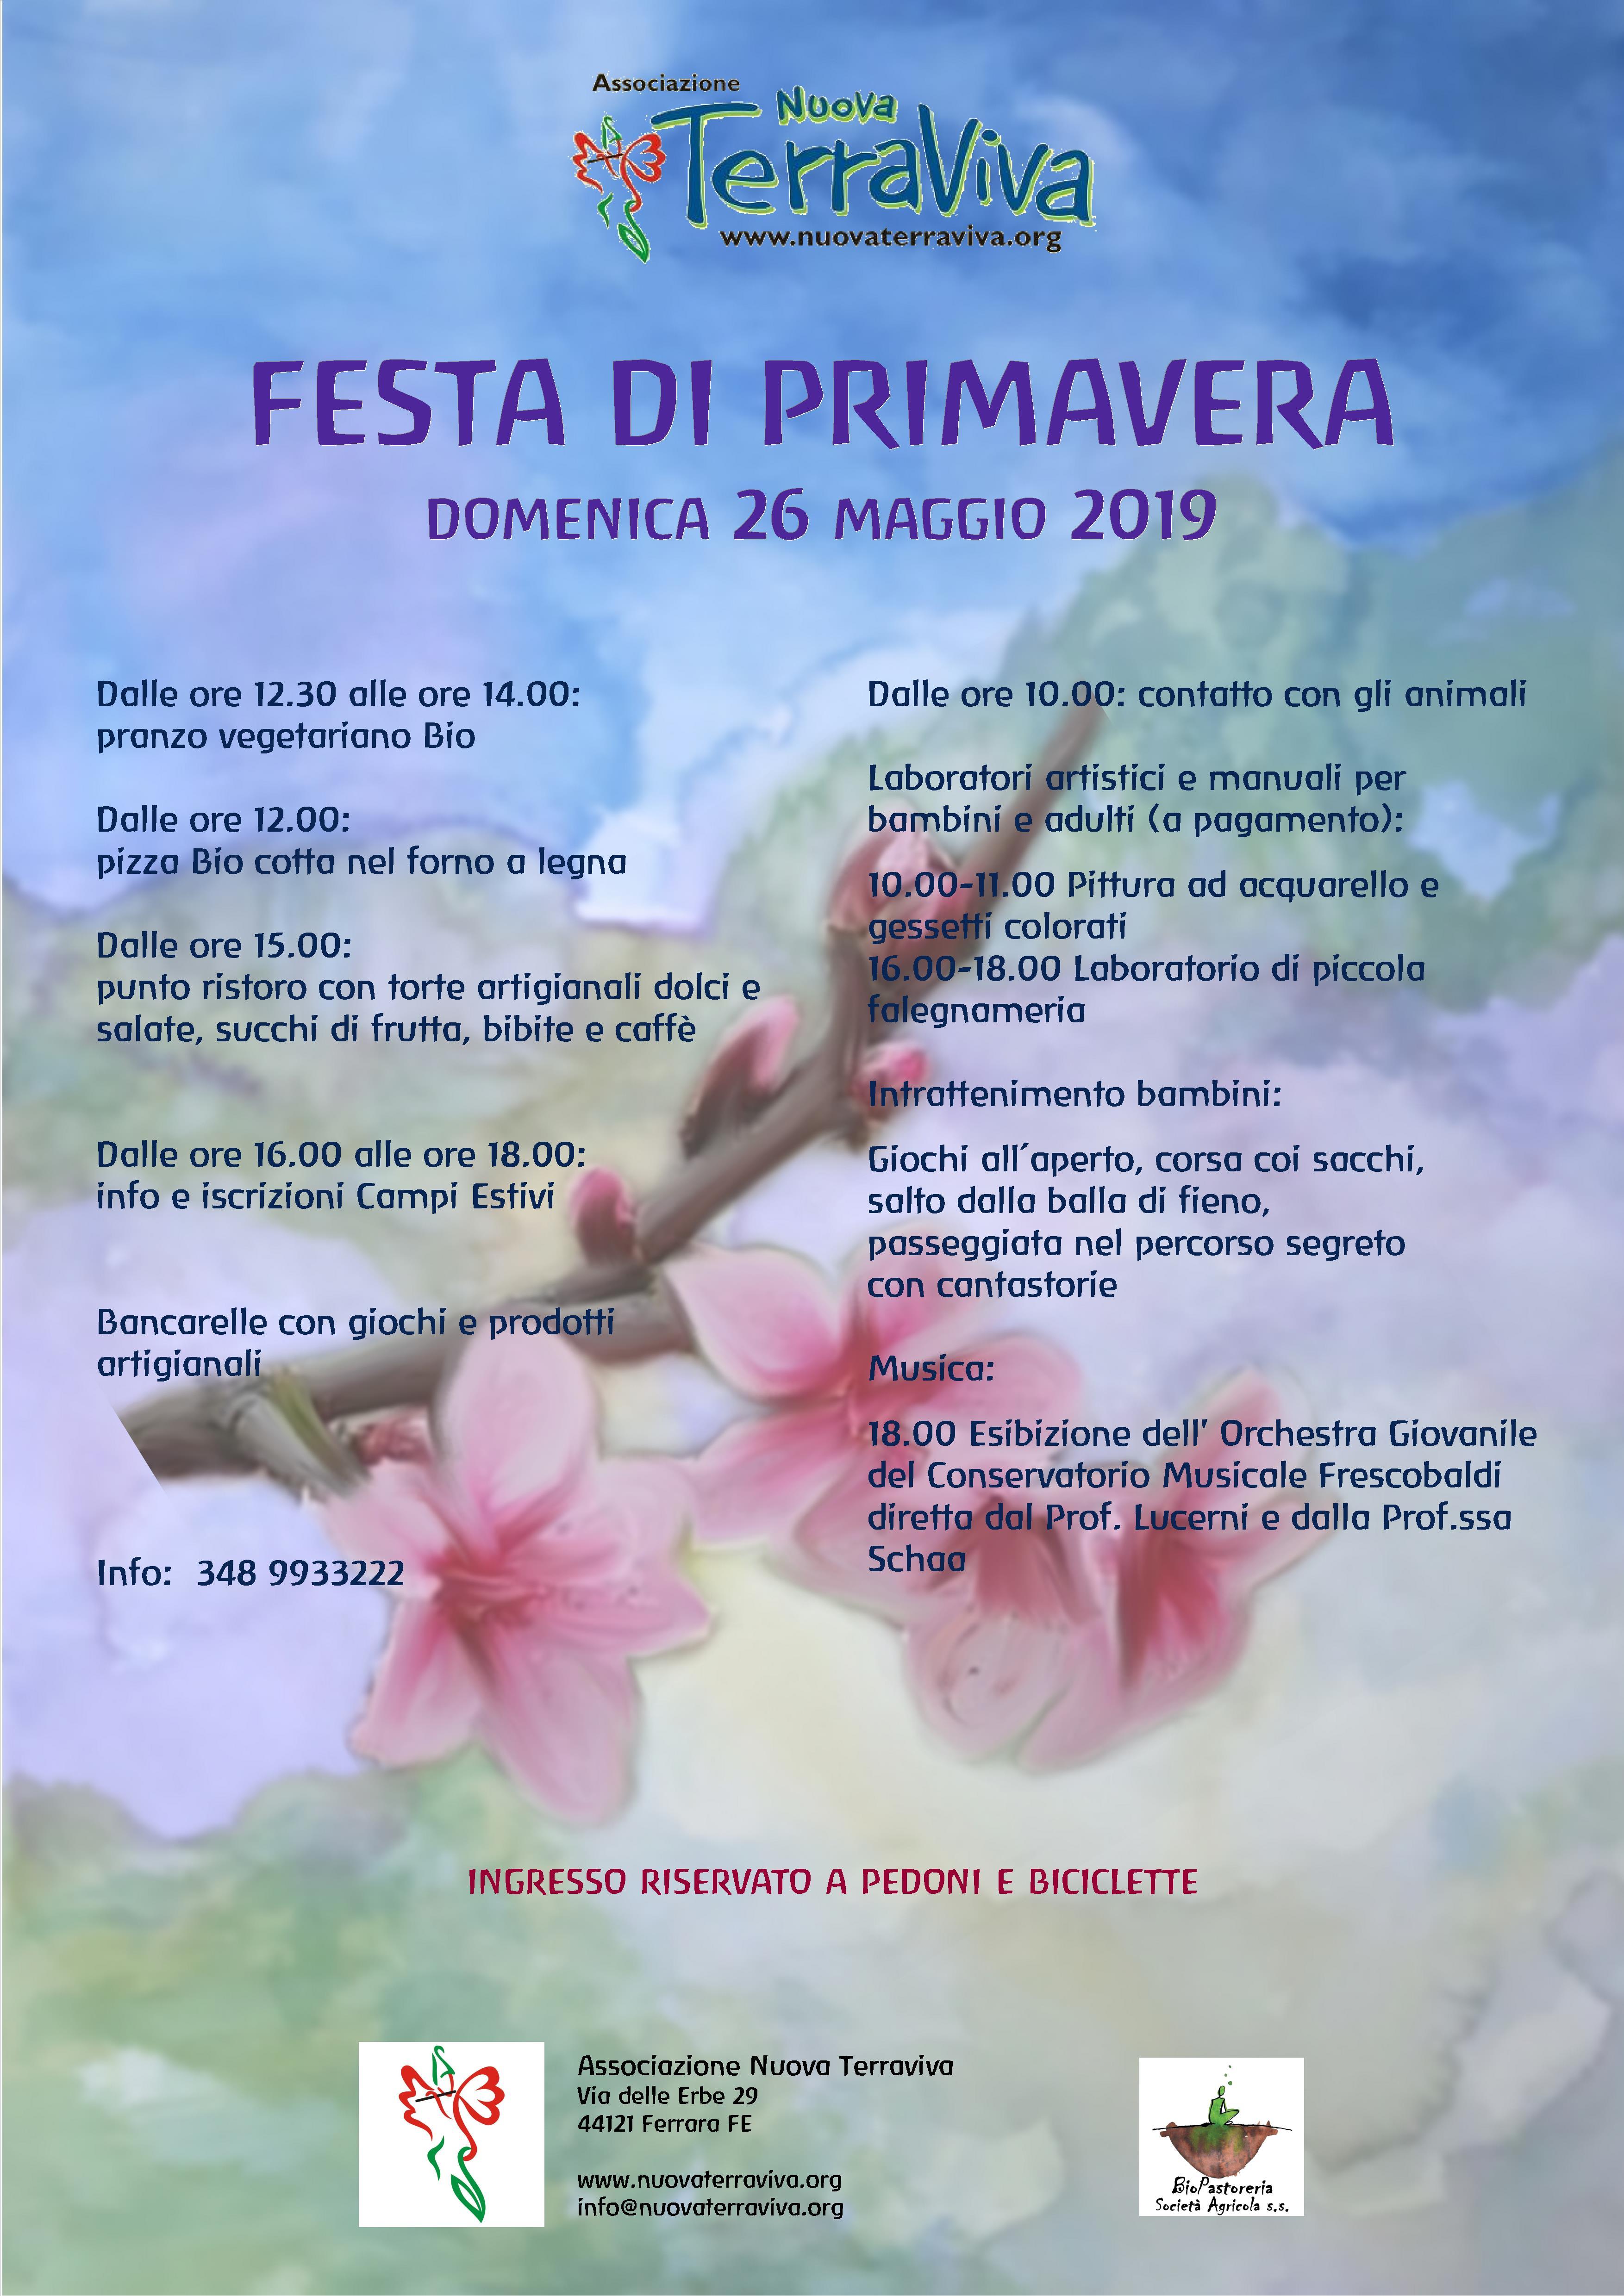 Festa di Primavera @ Associazione Nuova Terraviva | Ferrara | Emilia-Romagna | Italia